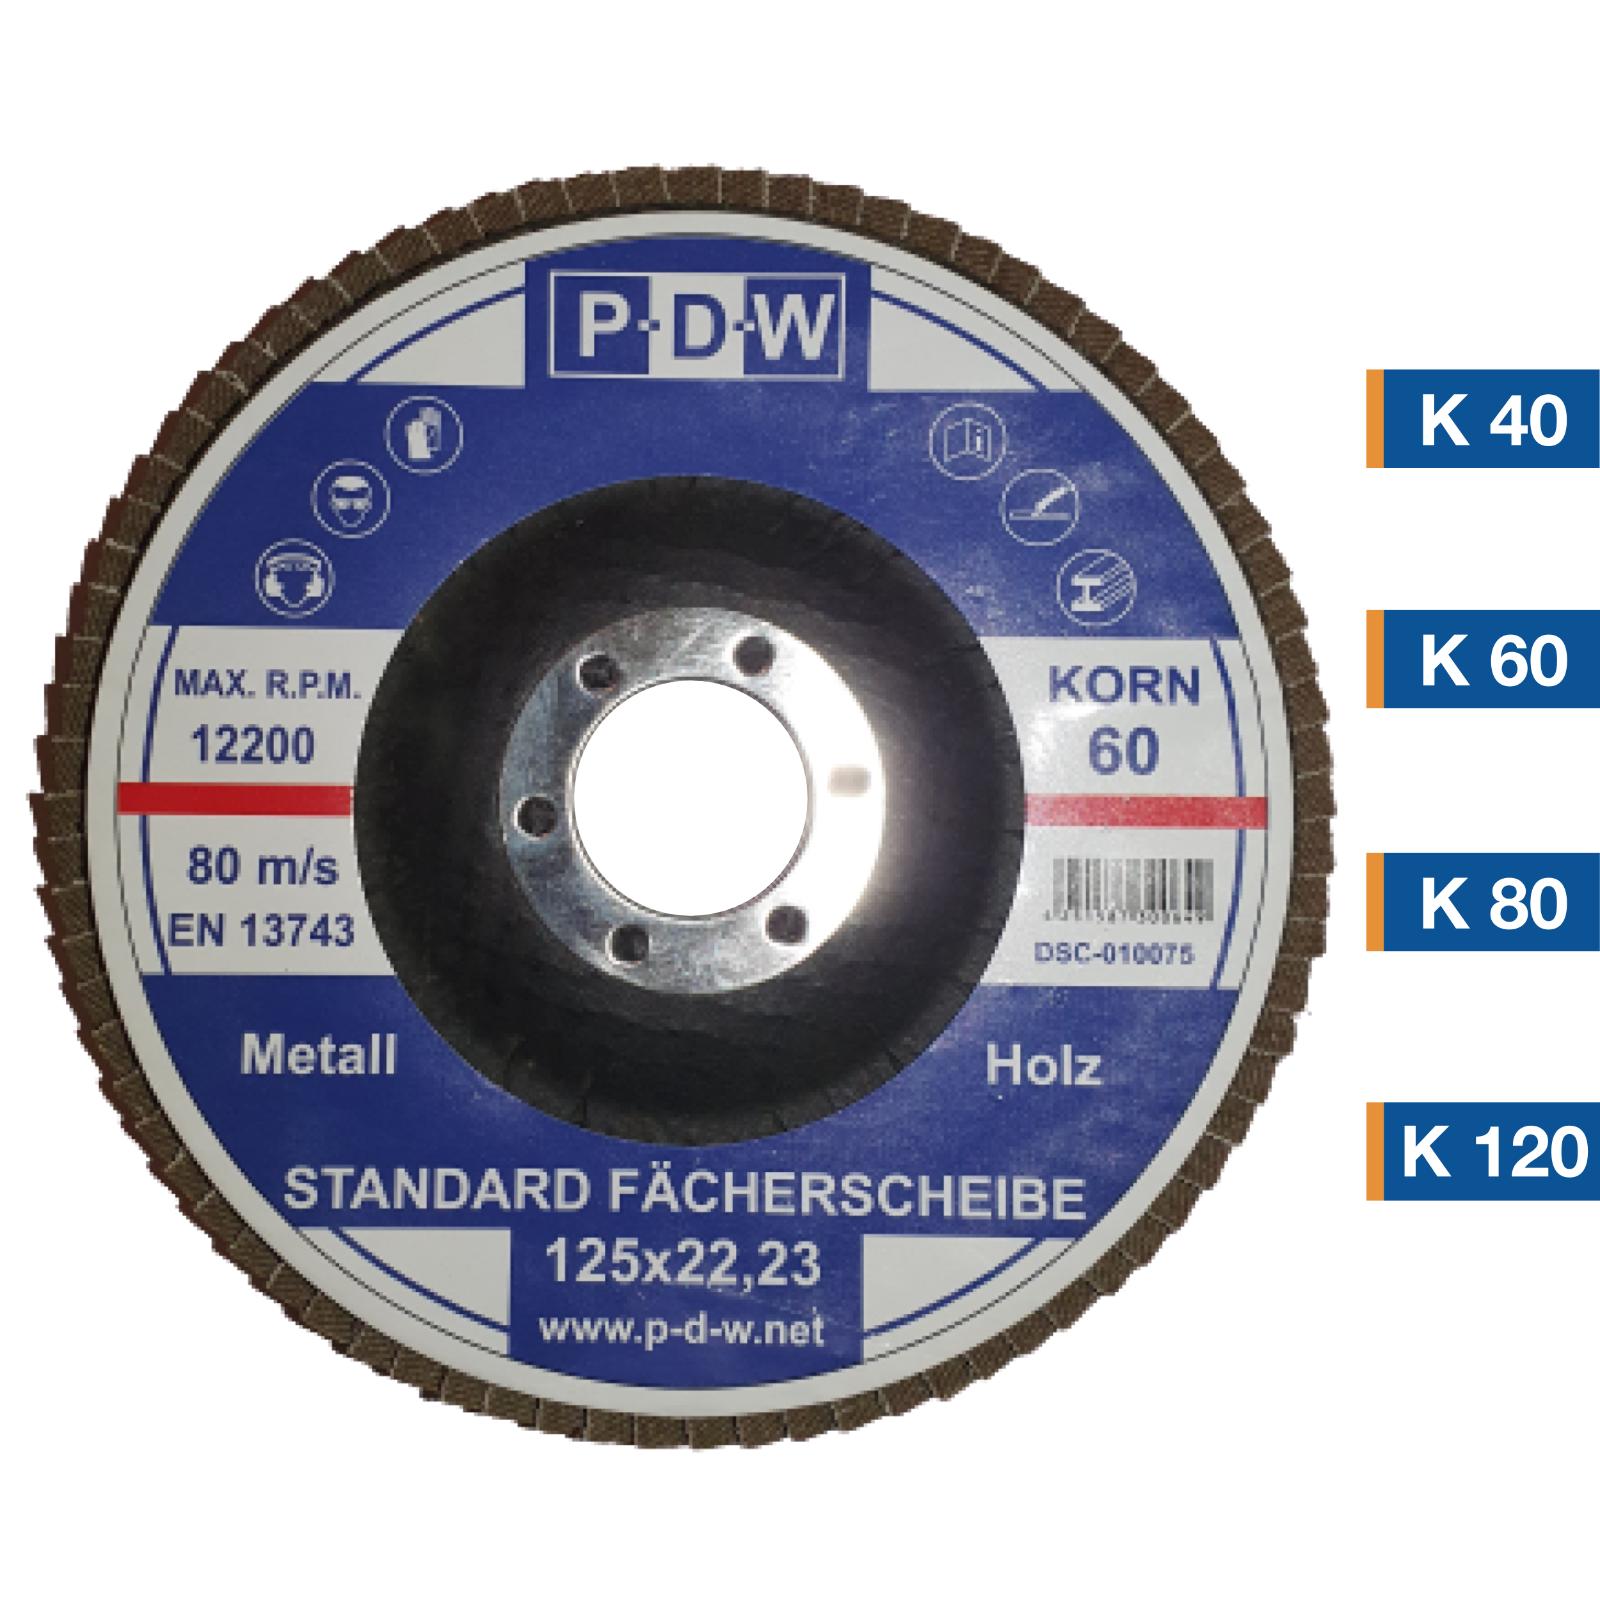 6 x Fächerscheibe Schleifscheibe 125mm Korn 80 /& 120 Versand am gleichen Tag